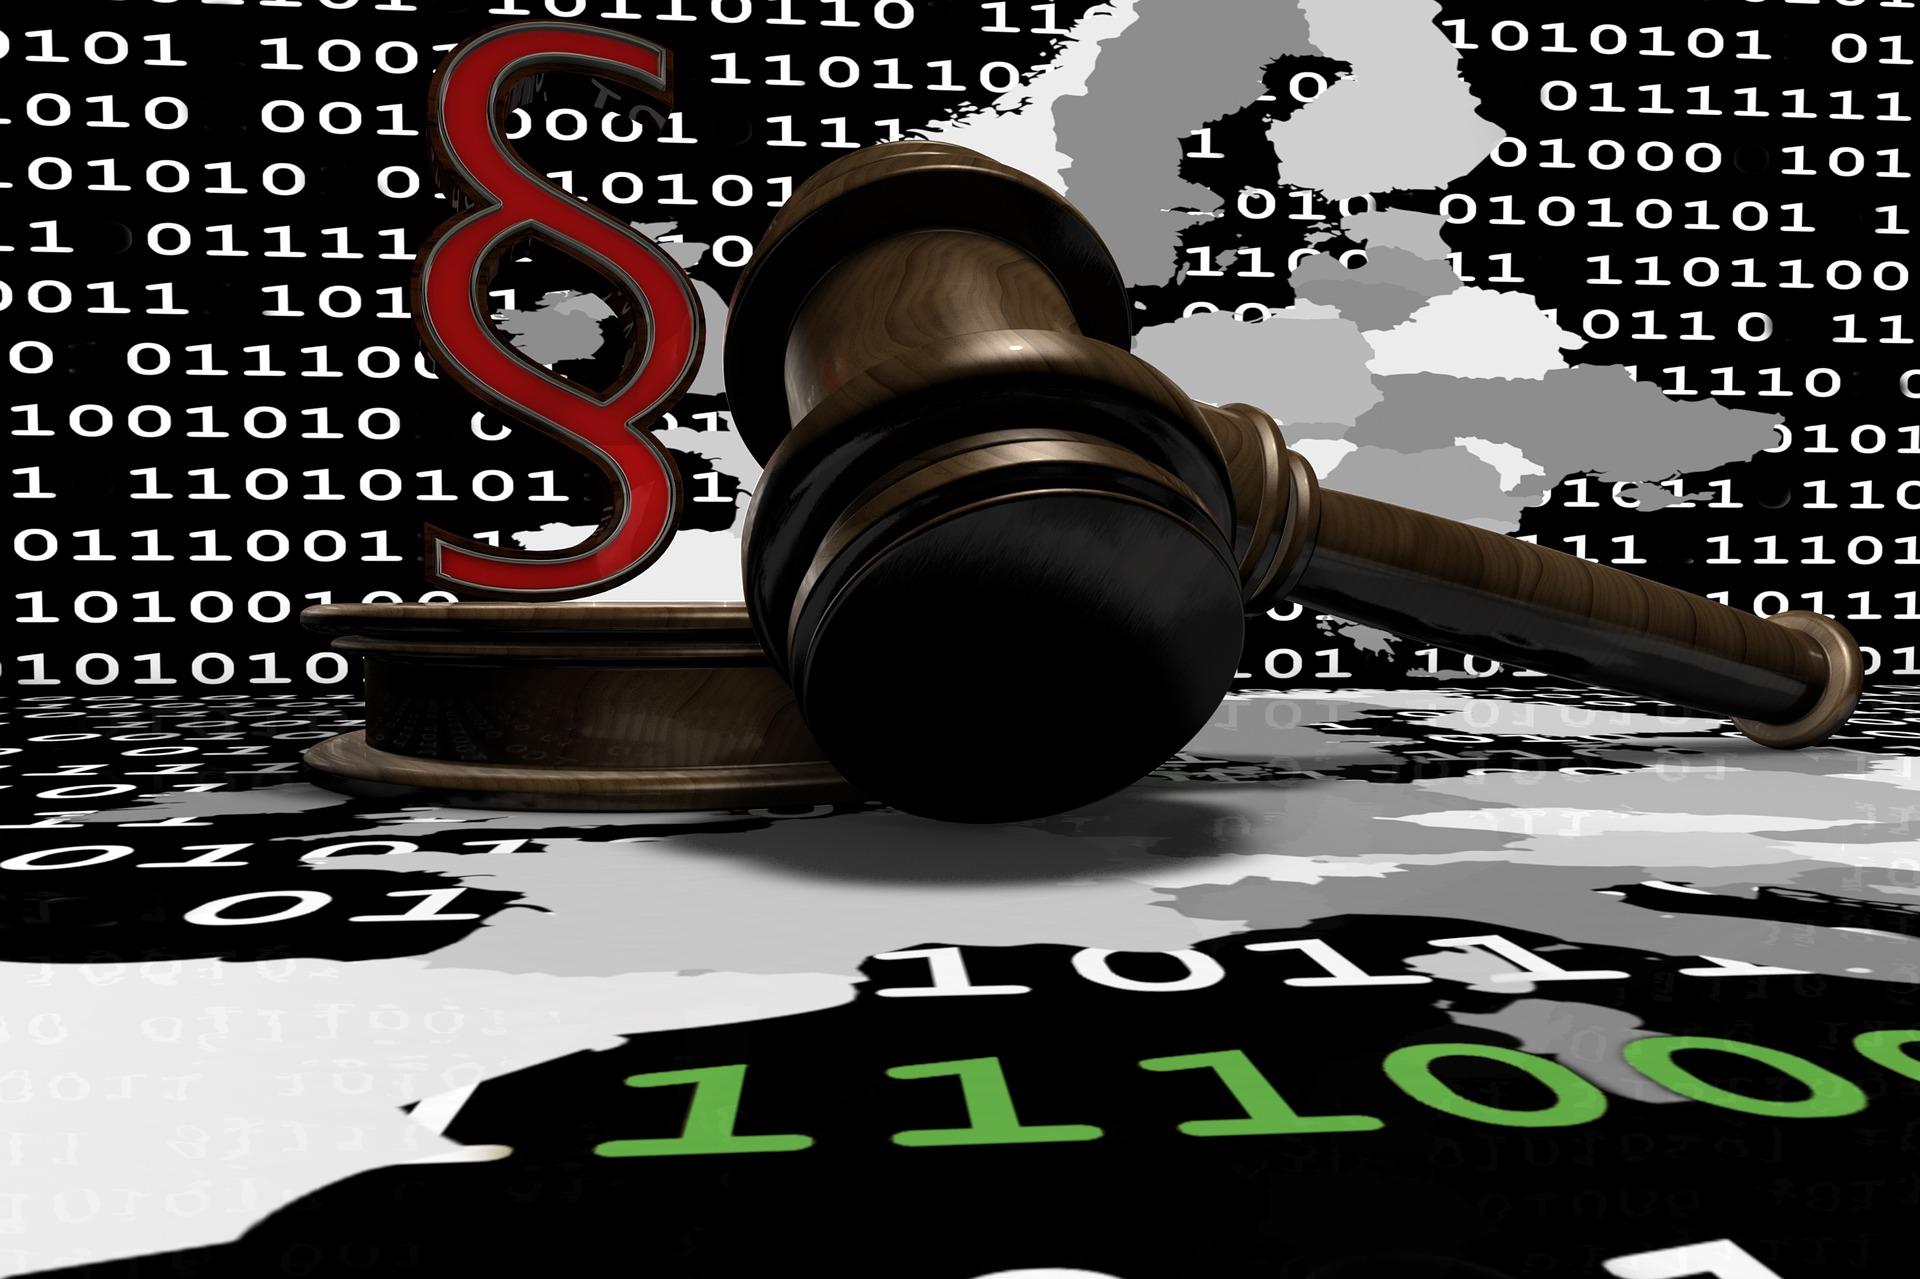 Anwaltverein stellt Unterlagen zur DS-GVO bereit